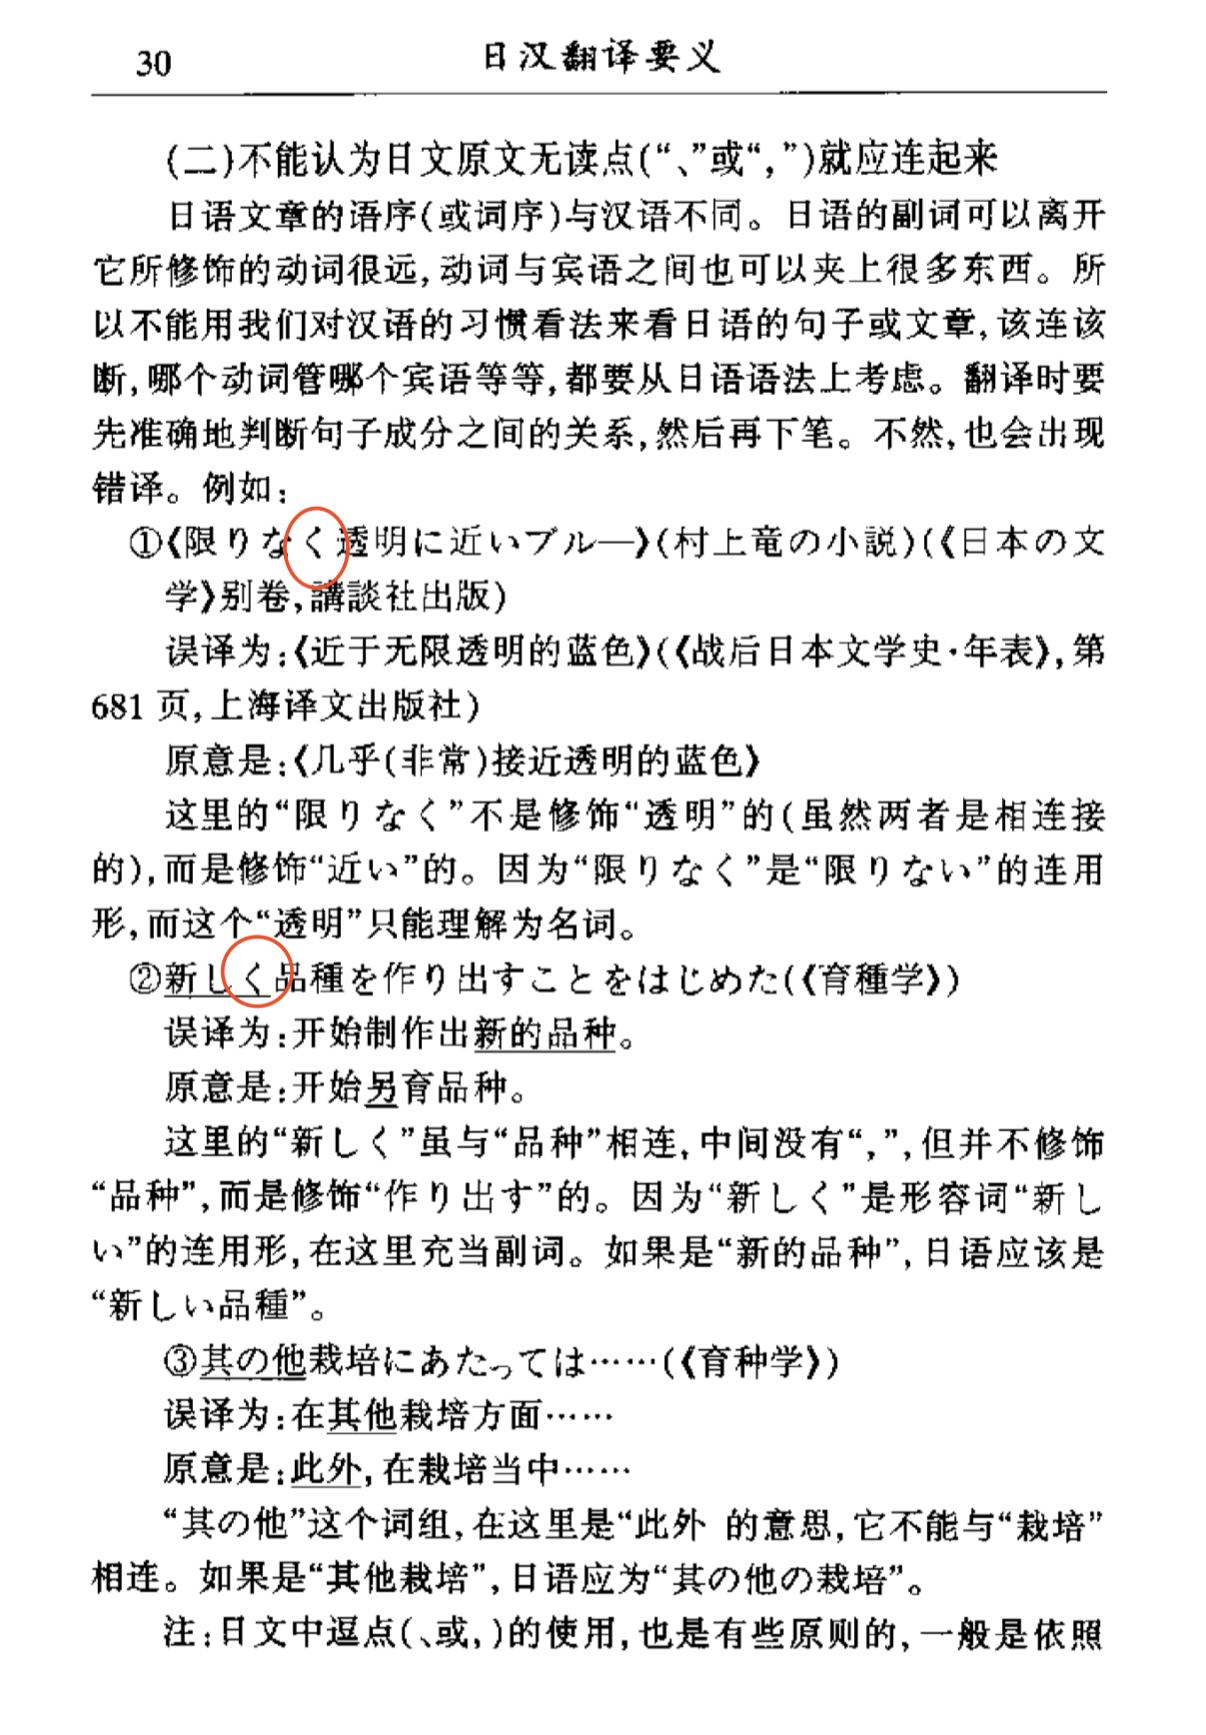 截图(日汉翻译要义)